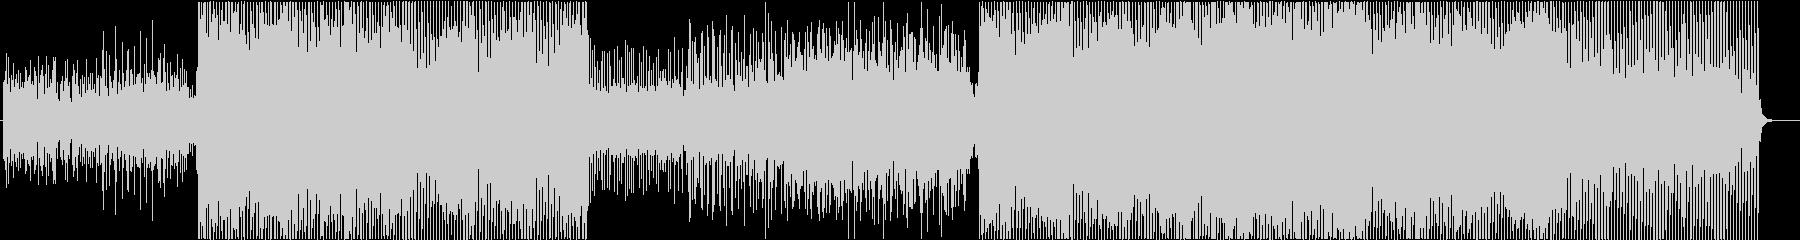 ピアノから始まる叙情的な4つ打ちEDMの未再生の波形